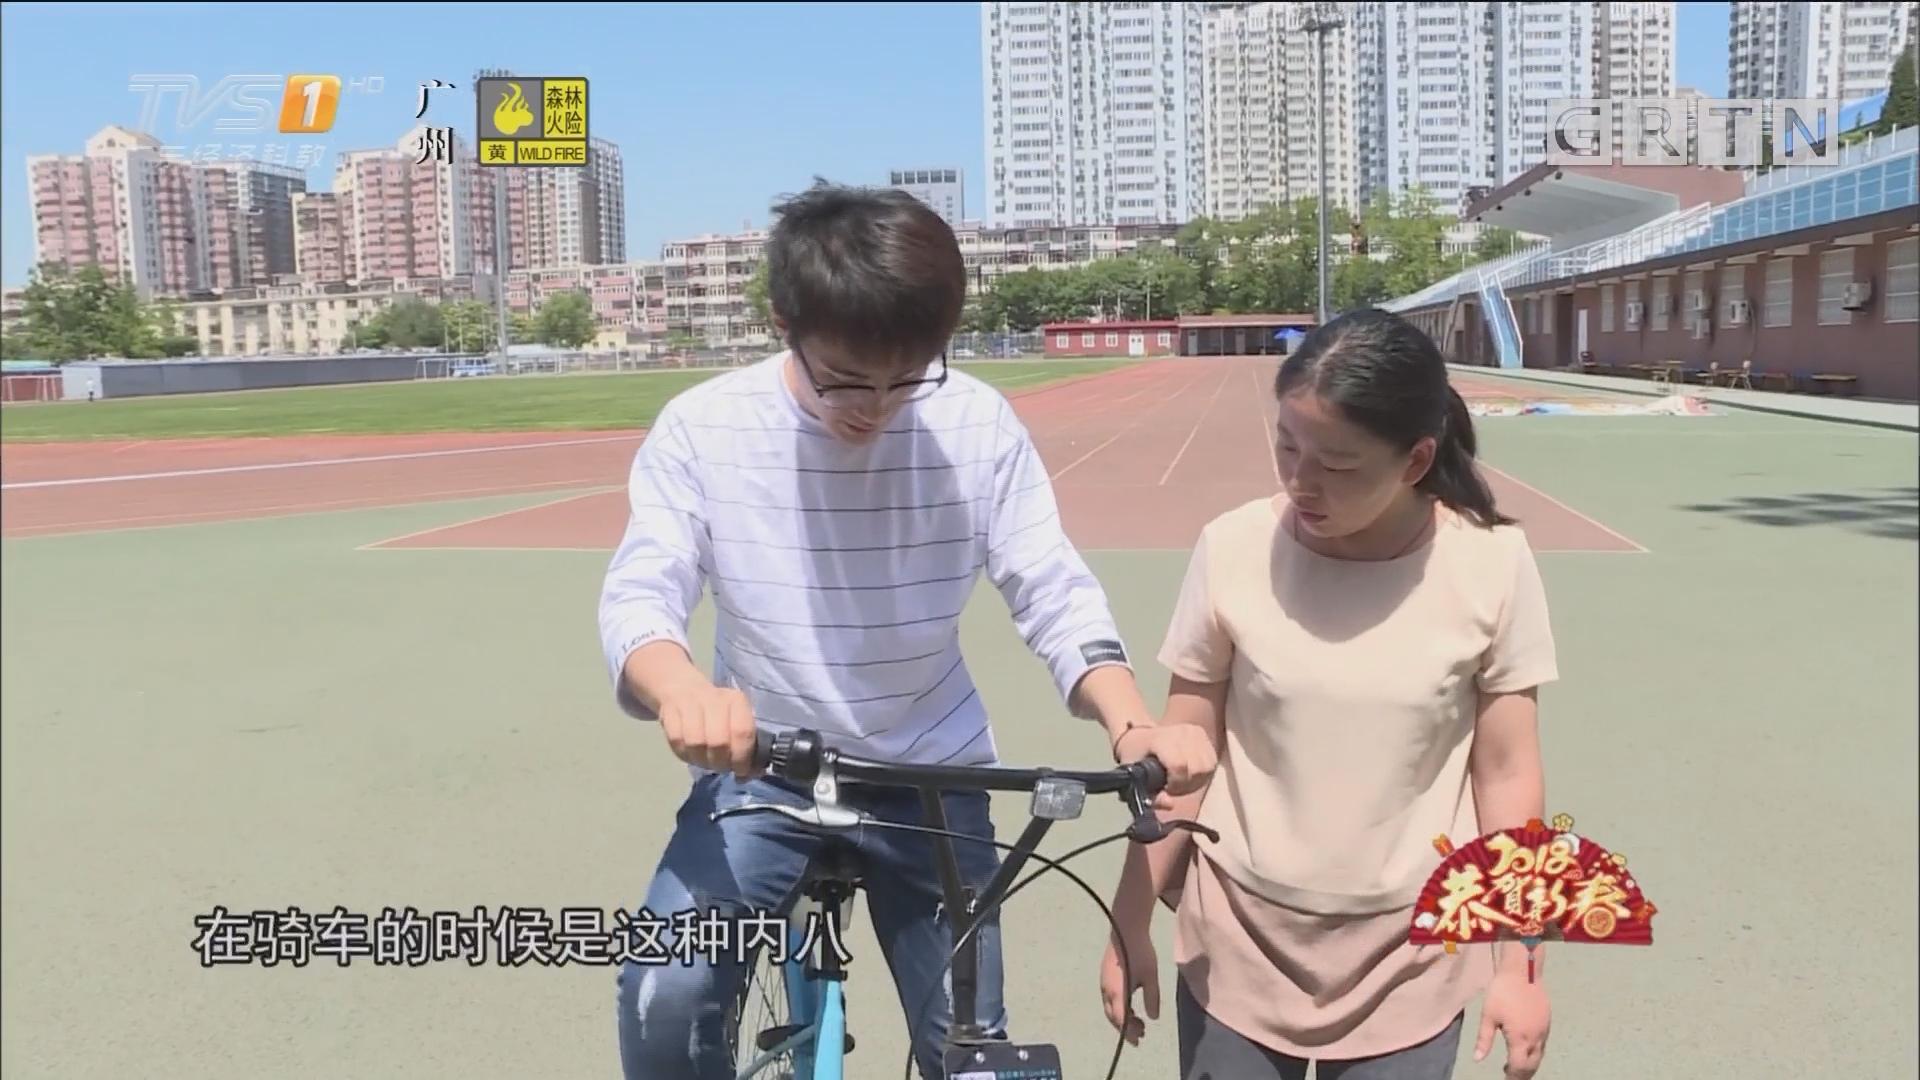 你知道骑自行车的正确姿势吗?